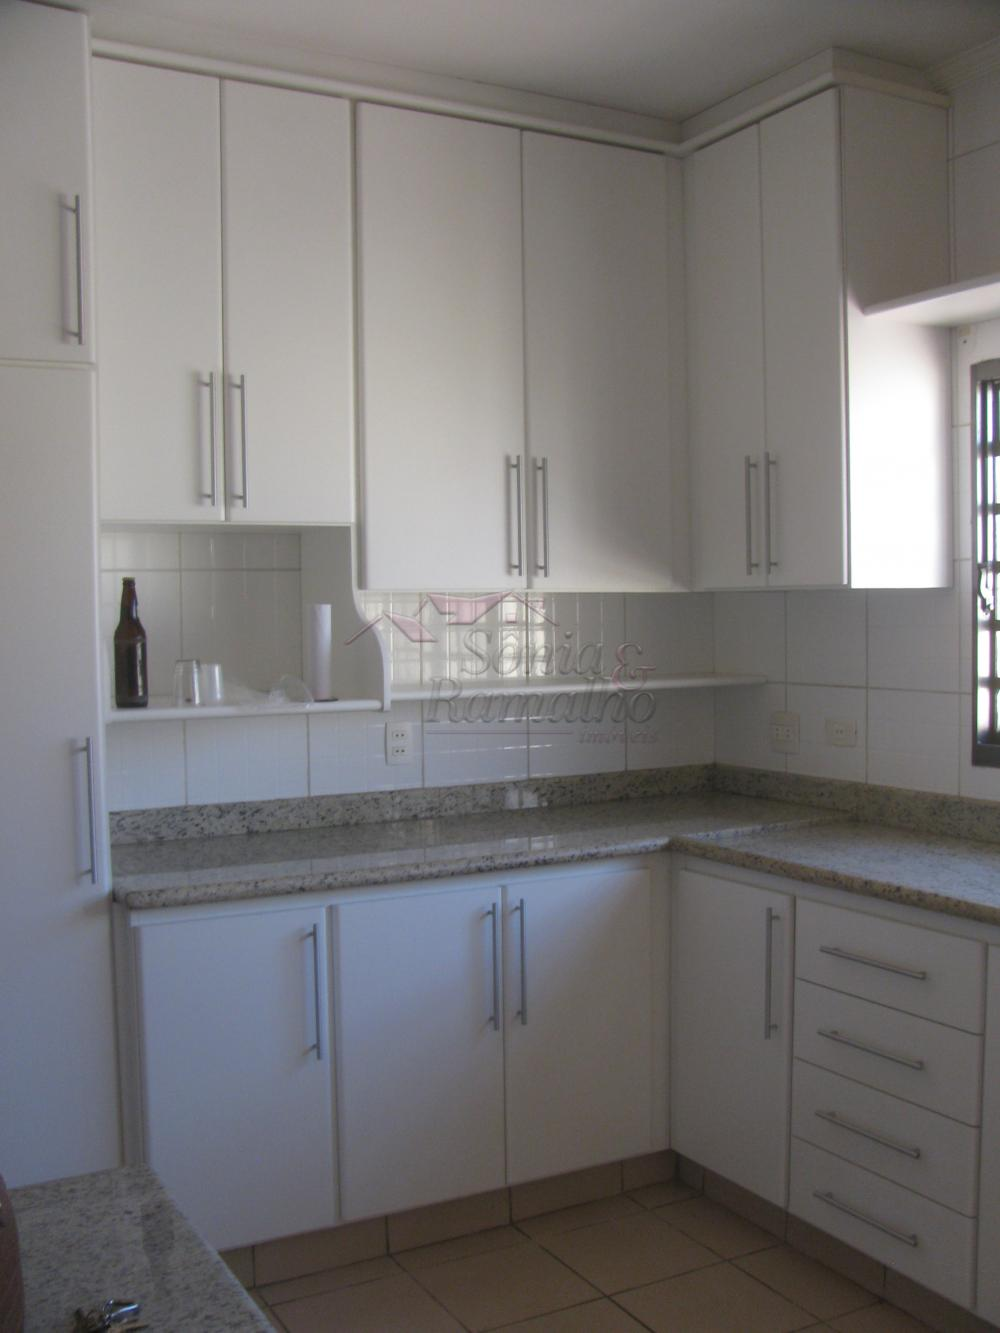 Comprar Casas / Padrão em Ribeirão Preto apenas R$ 400.000,00 - Foto 10